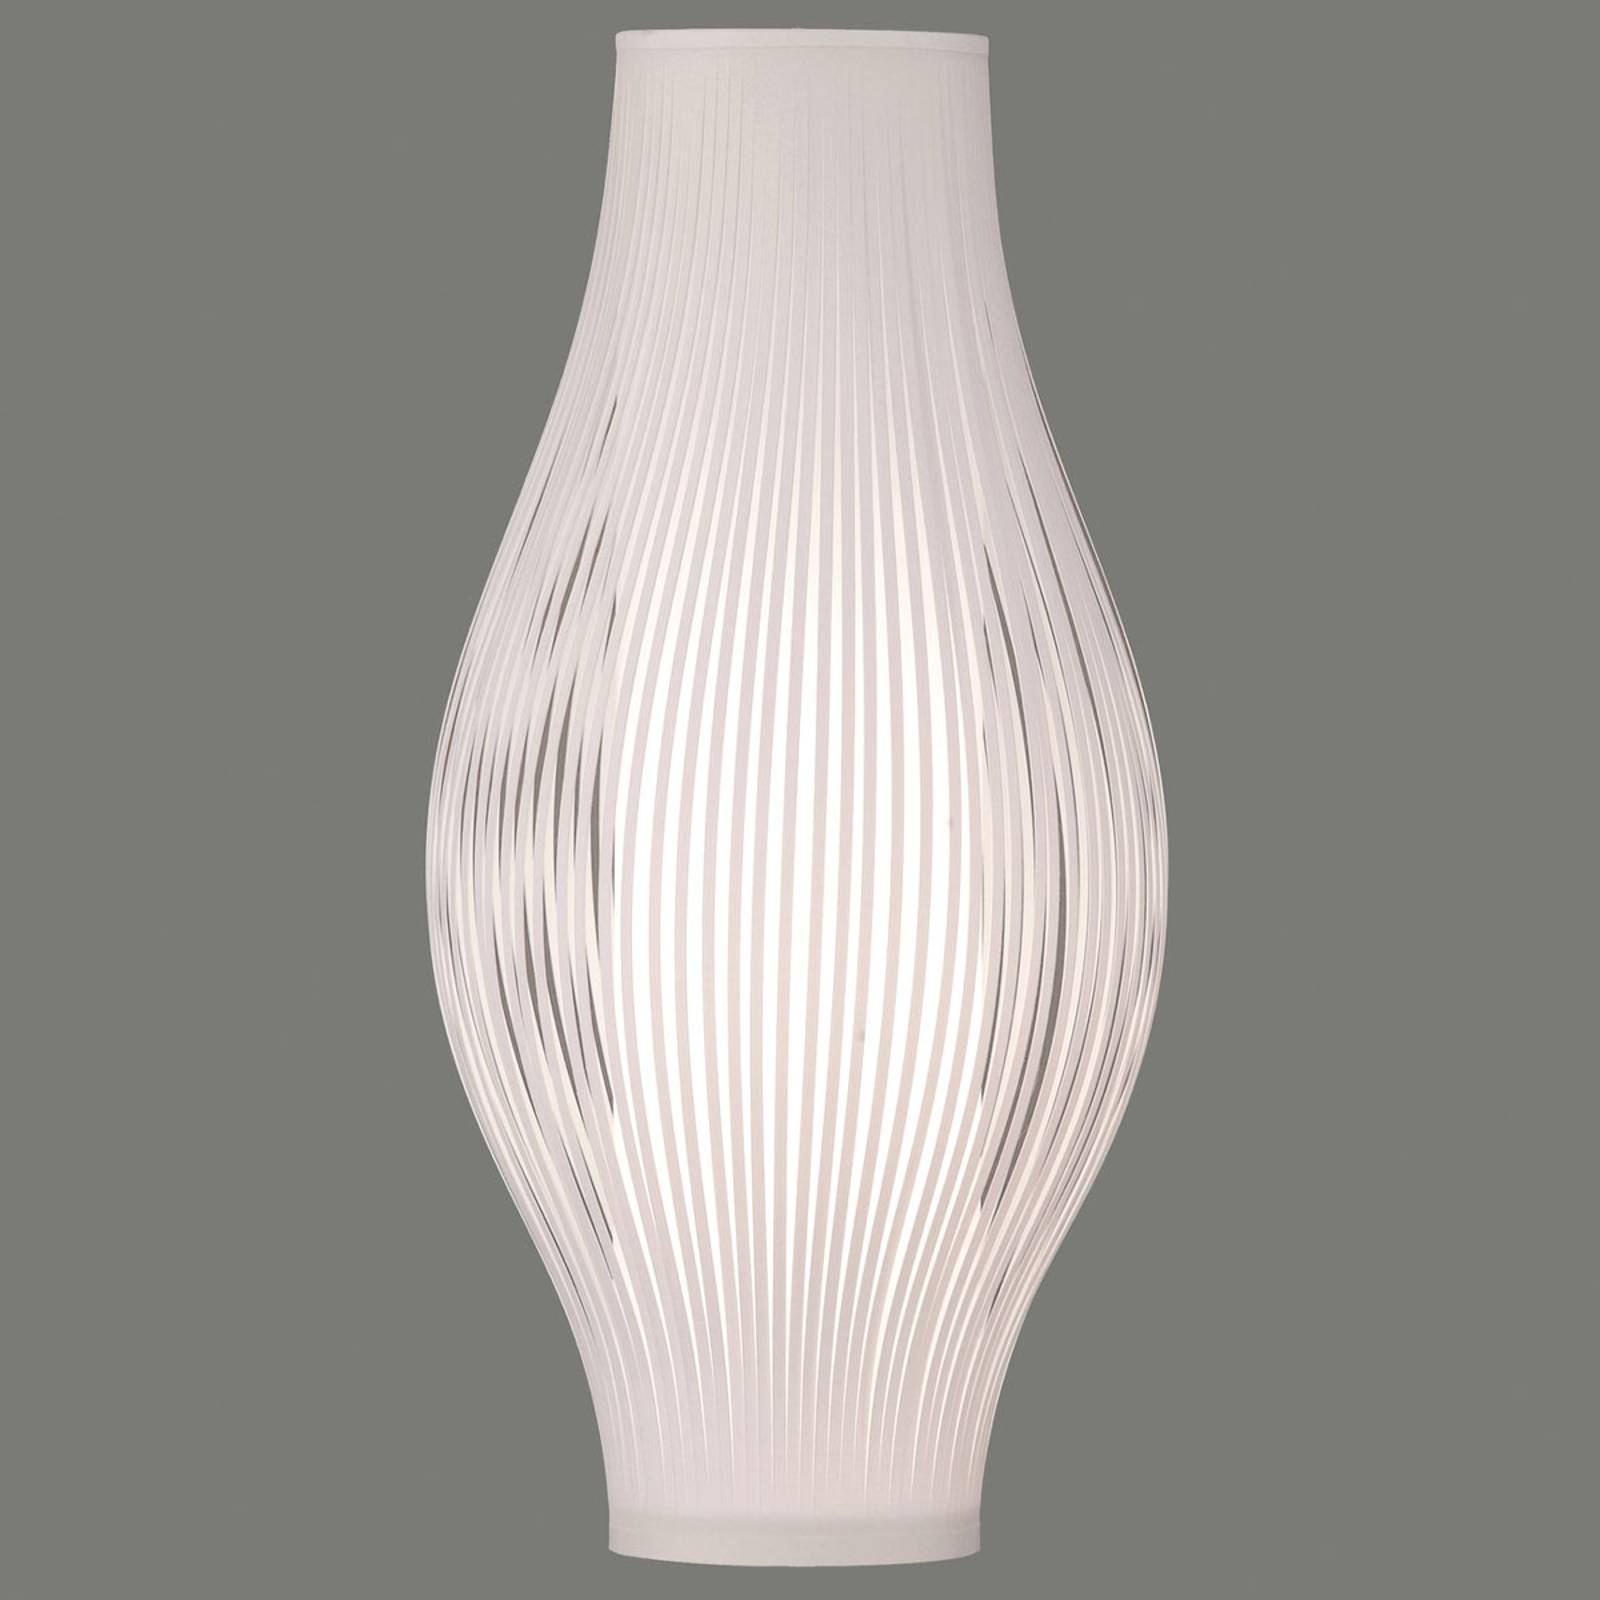 Bilde av Bordlampe Murta, 71 Cm, Hvit